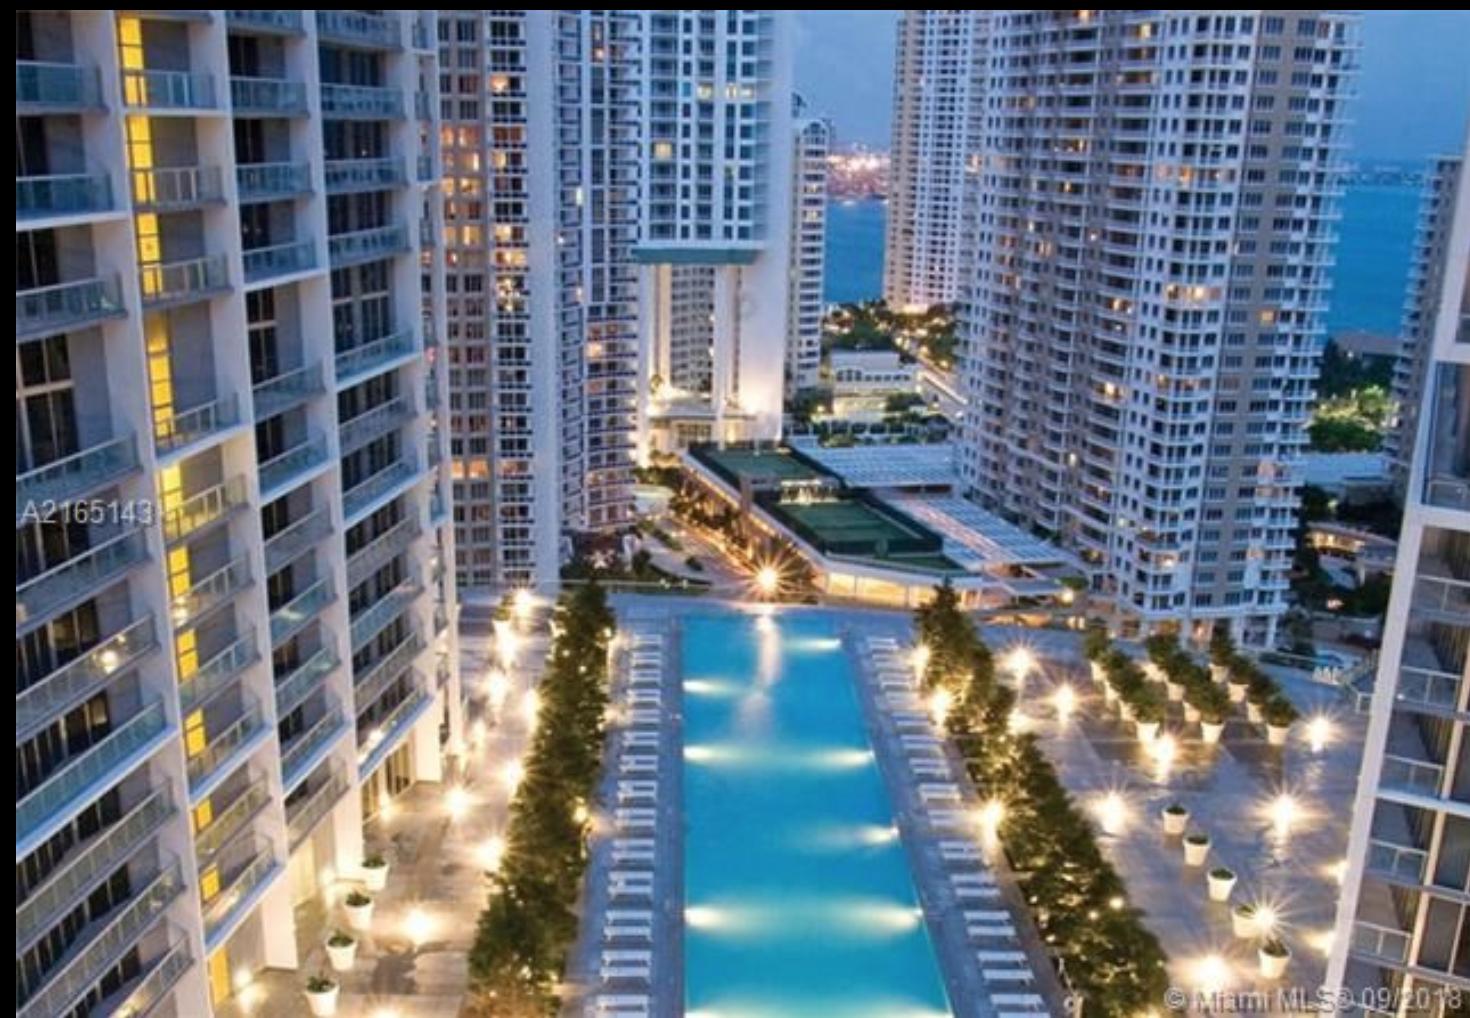 A Vendre : Appartement à ICON BRICKELL avec vue directe sur l'eau !